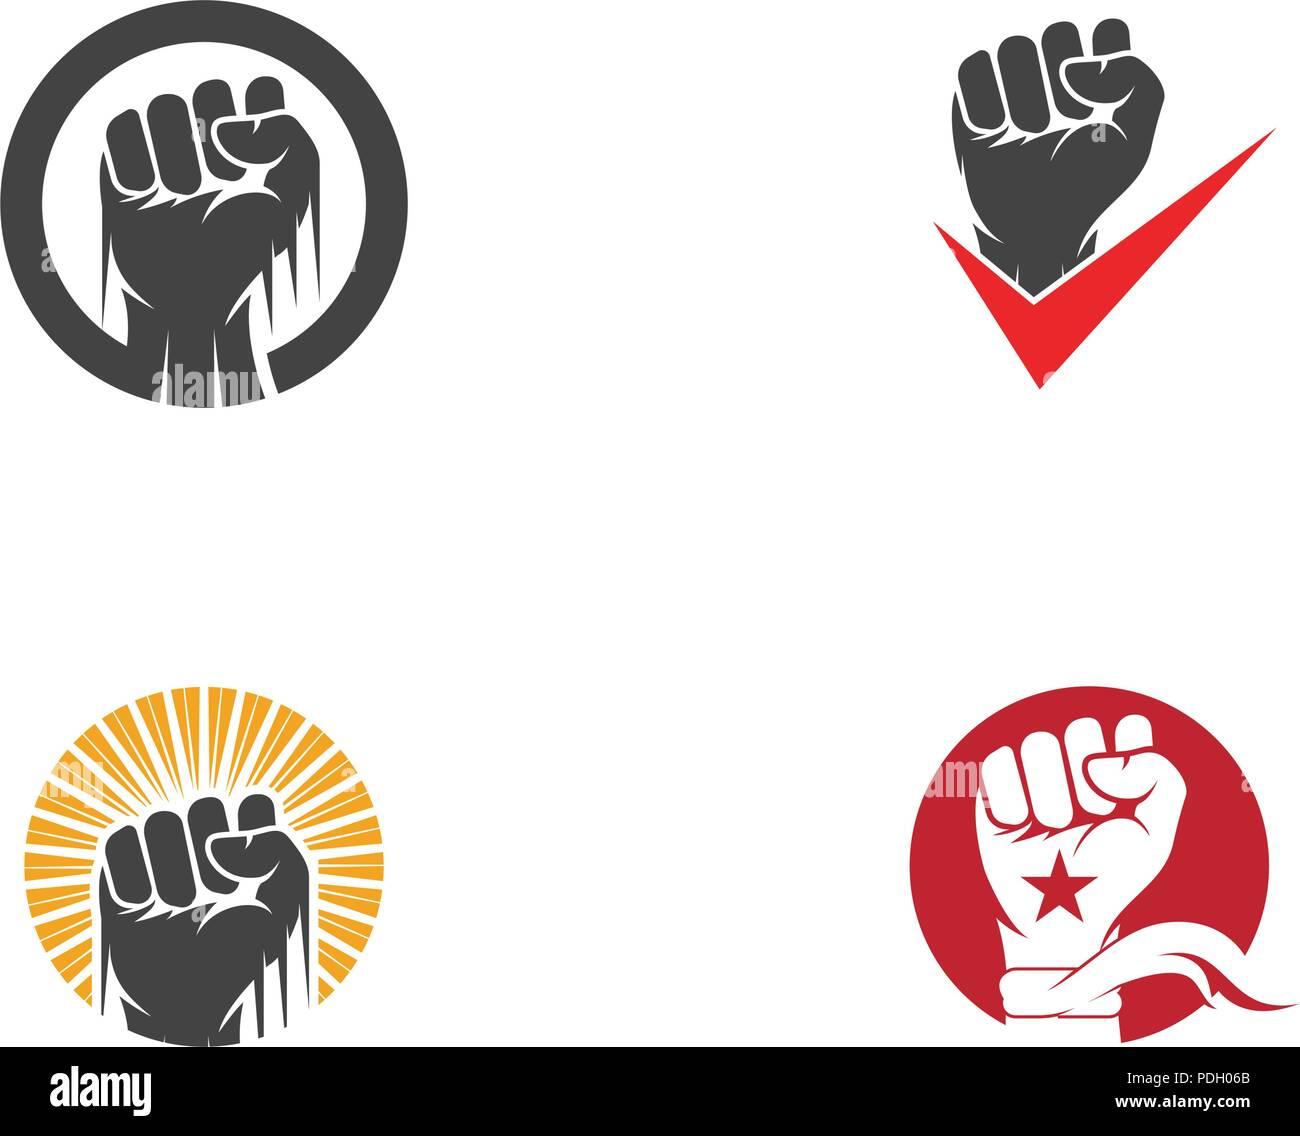 Icône vecteur forte main modèle logo illustration Photo Stock